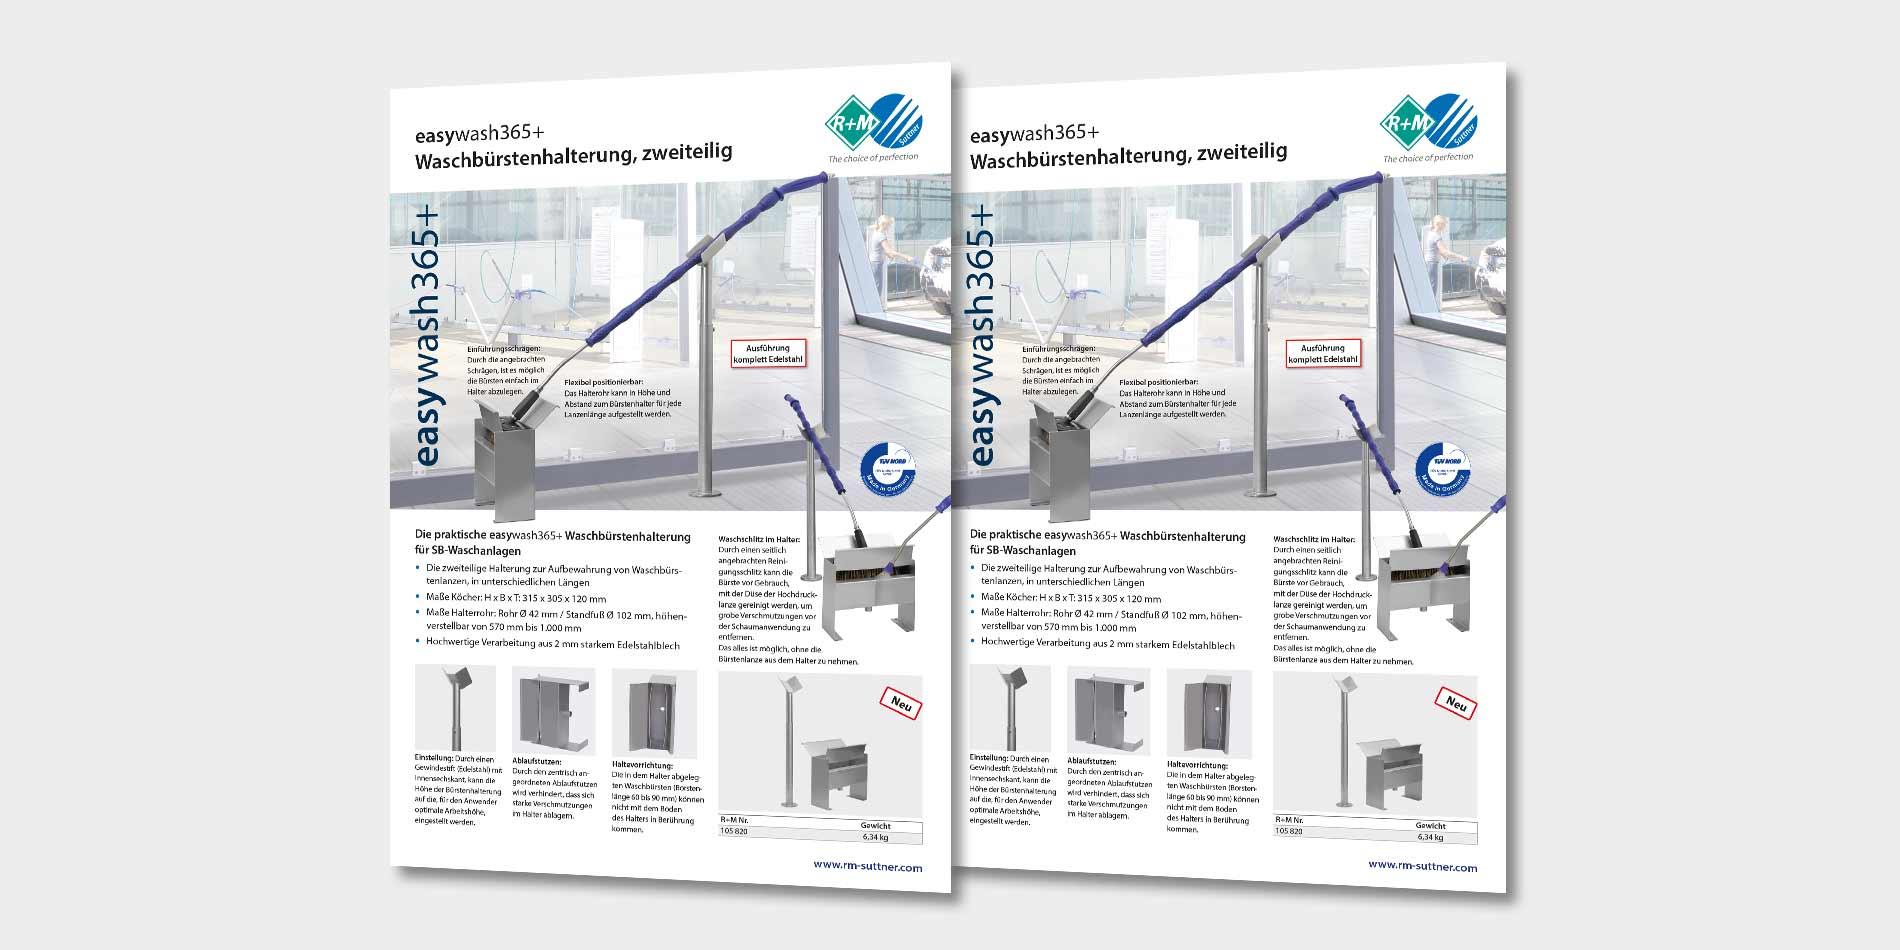 easywash365+, Waschbürstenhalterung zweiteilig